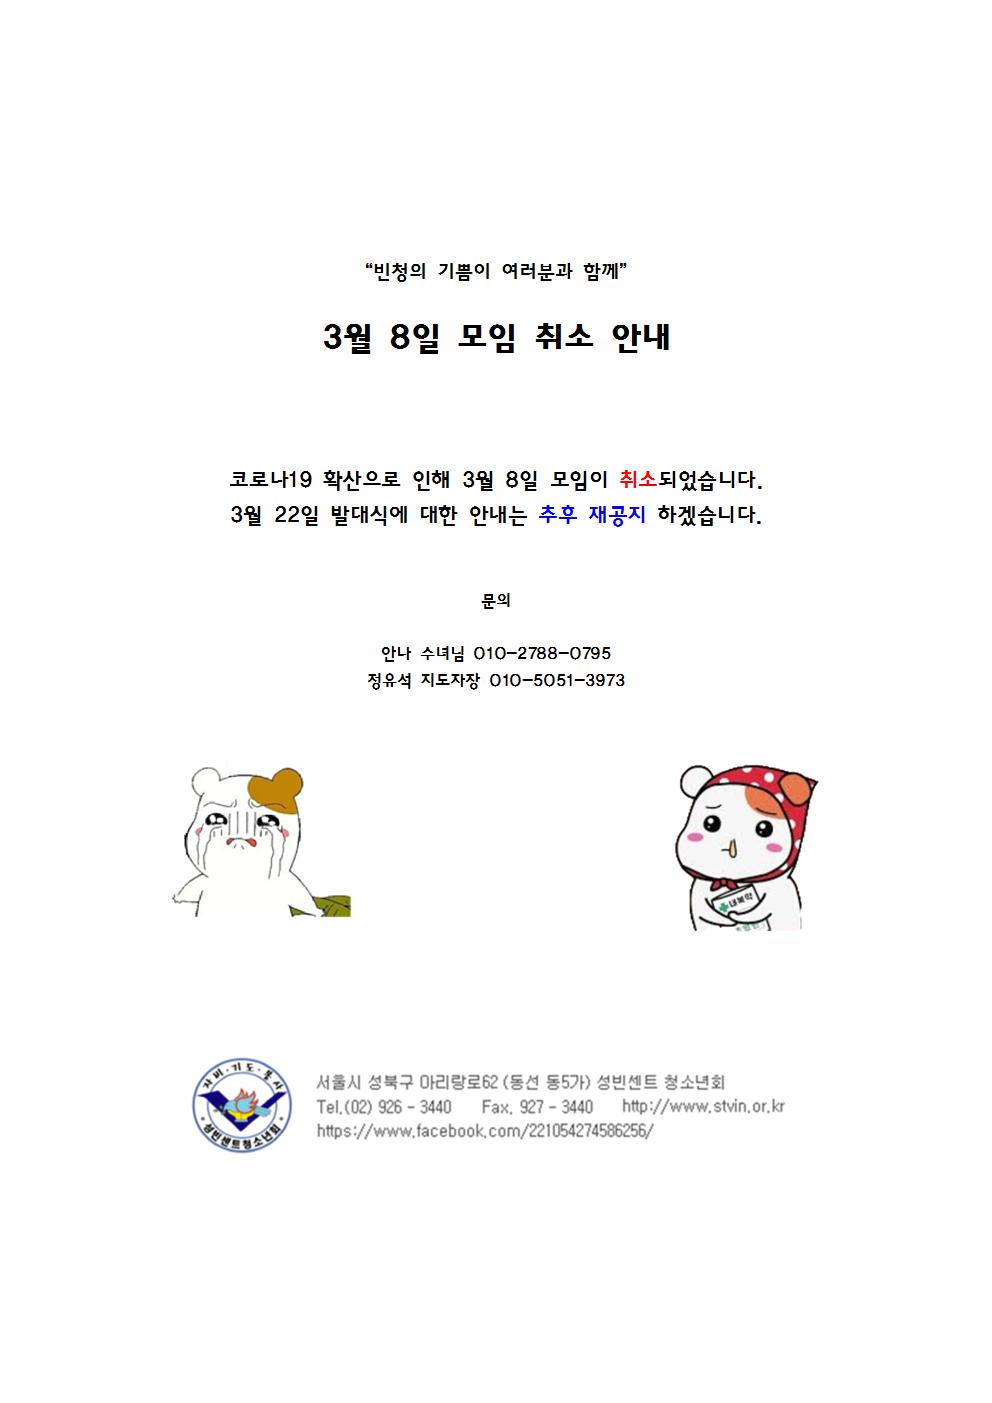 3월 8일 모임 취소 공지001.png